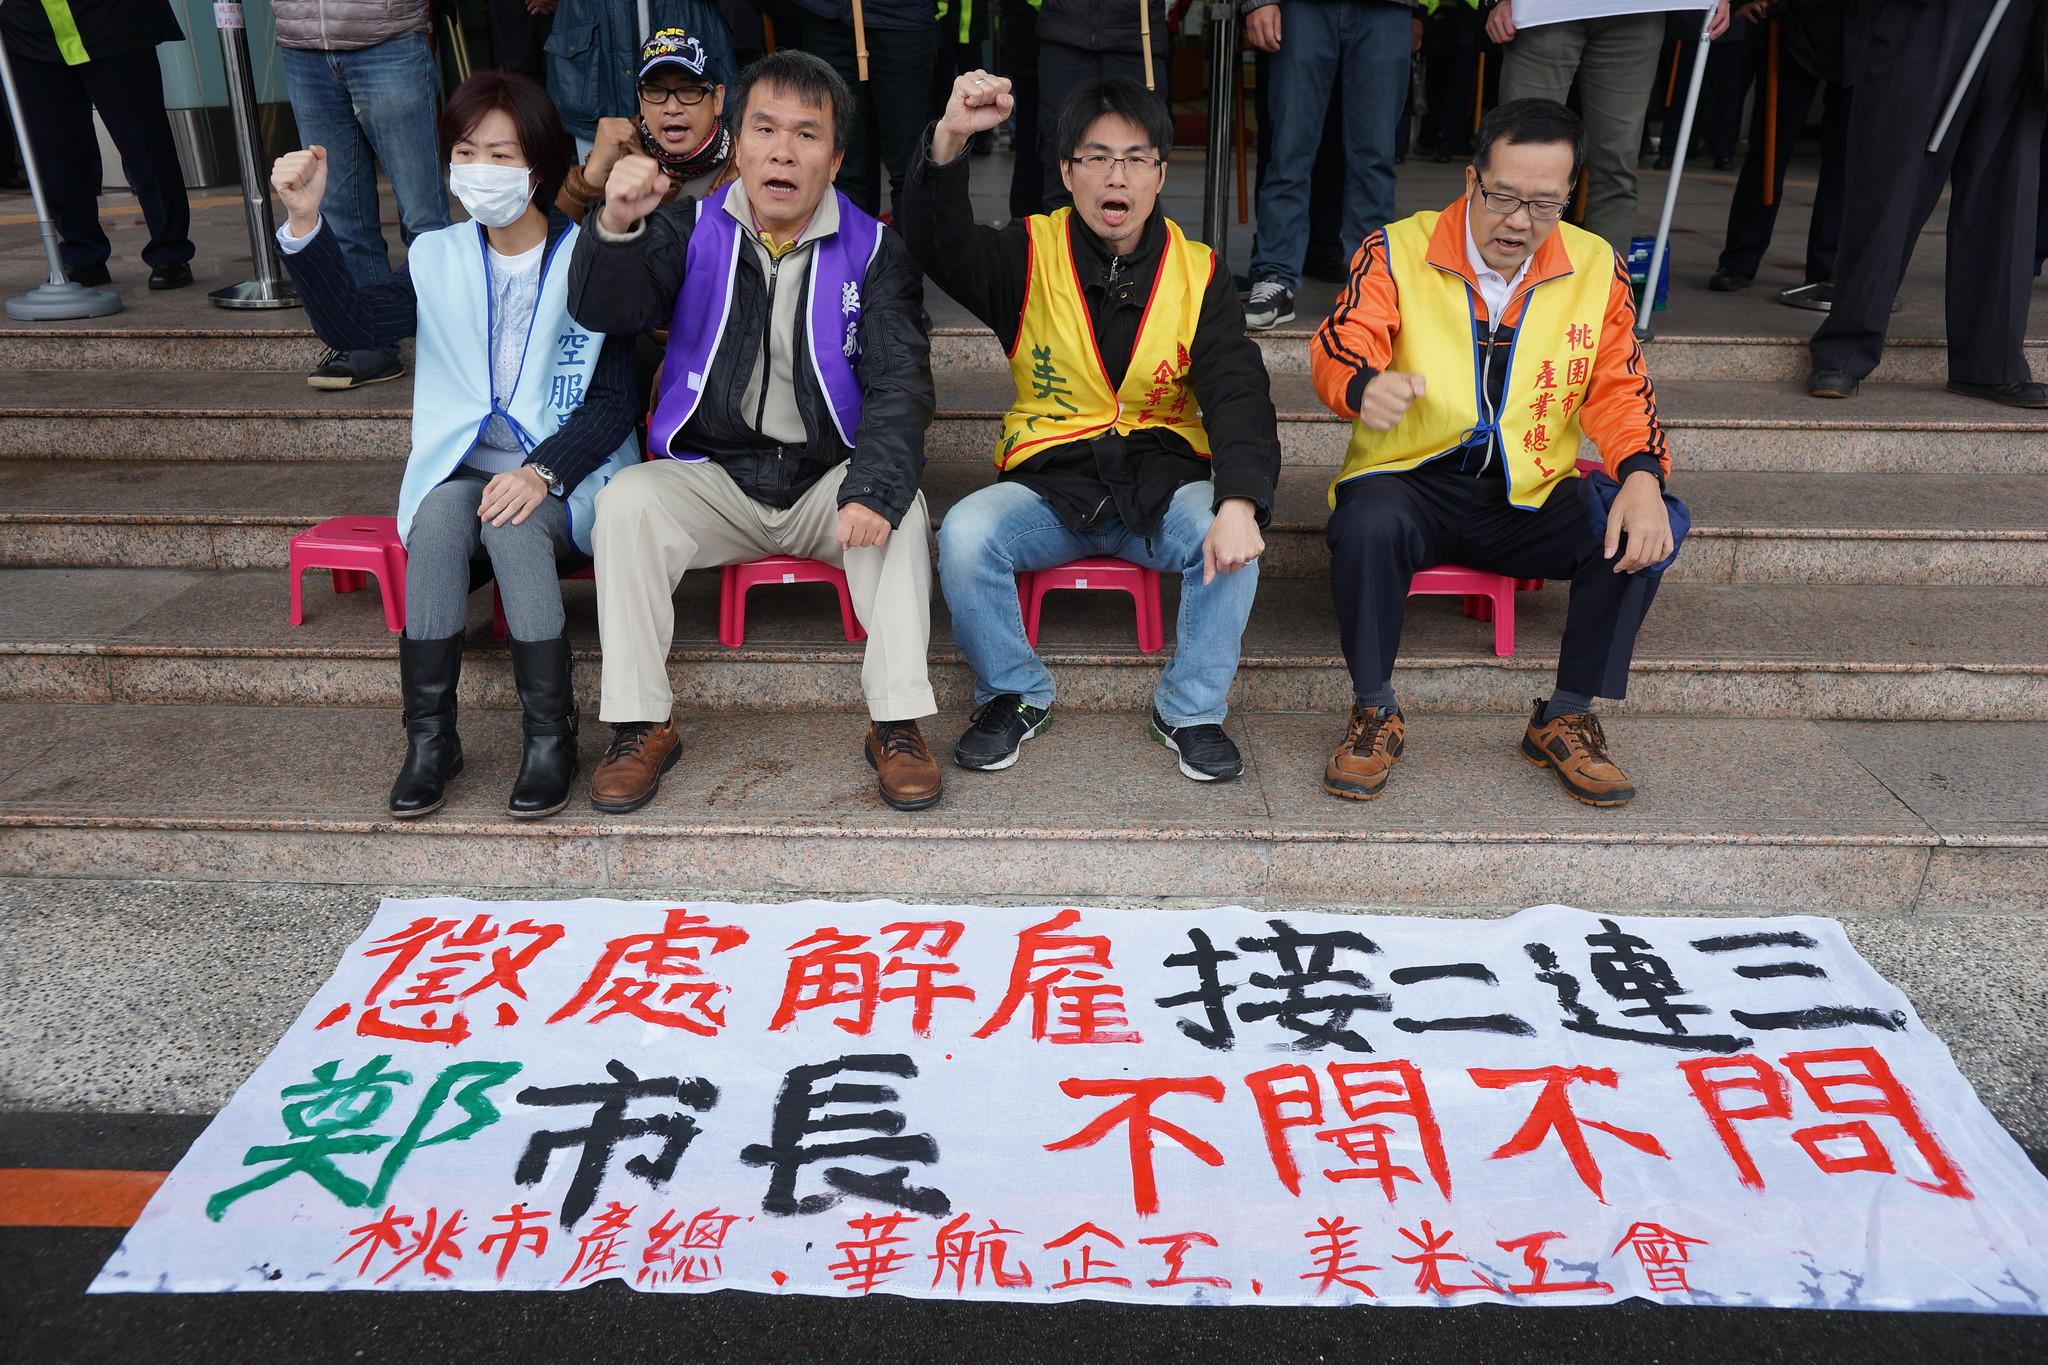 桃市產總今率領華航工會、美光工會赴桃市府抗議。(攝影:王顥中)